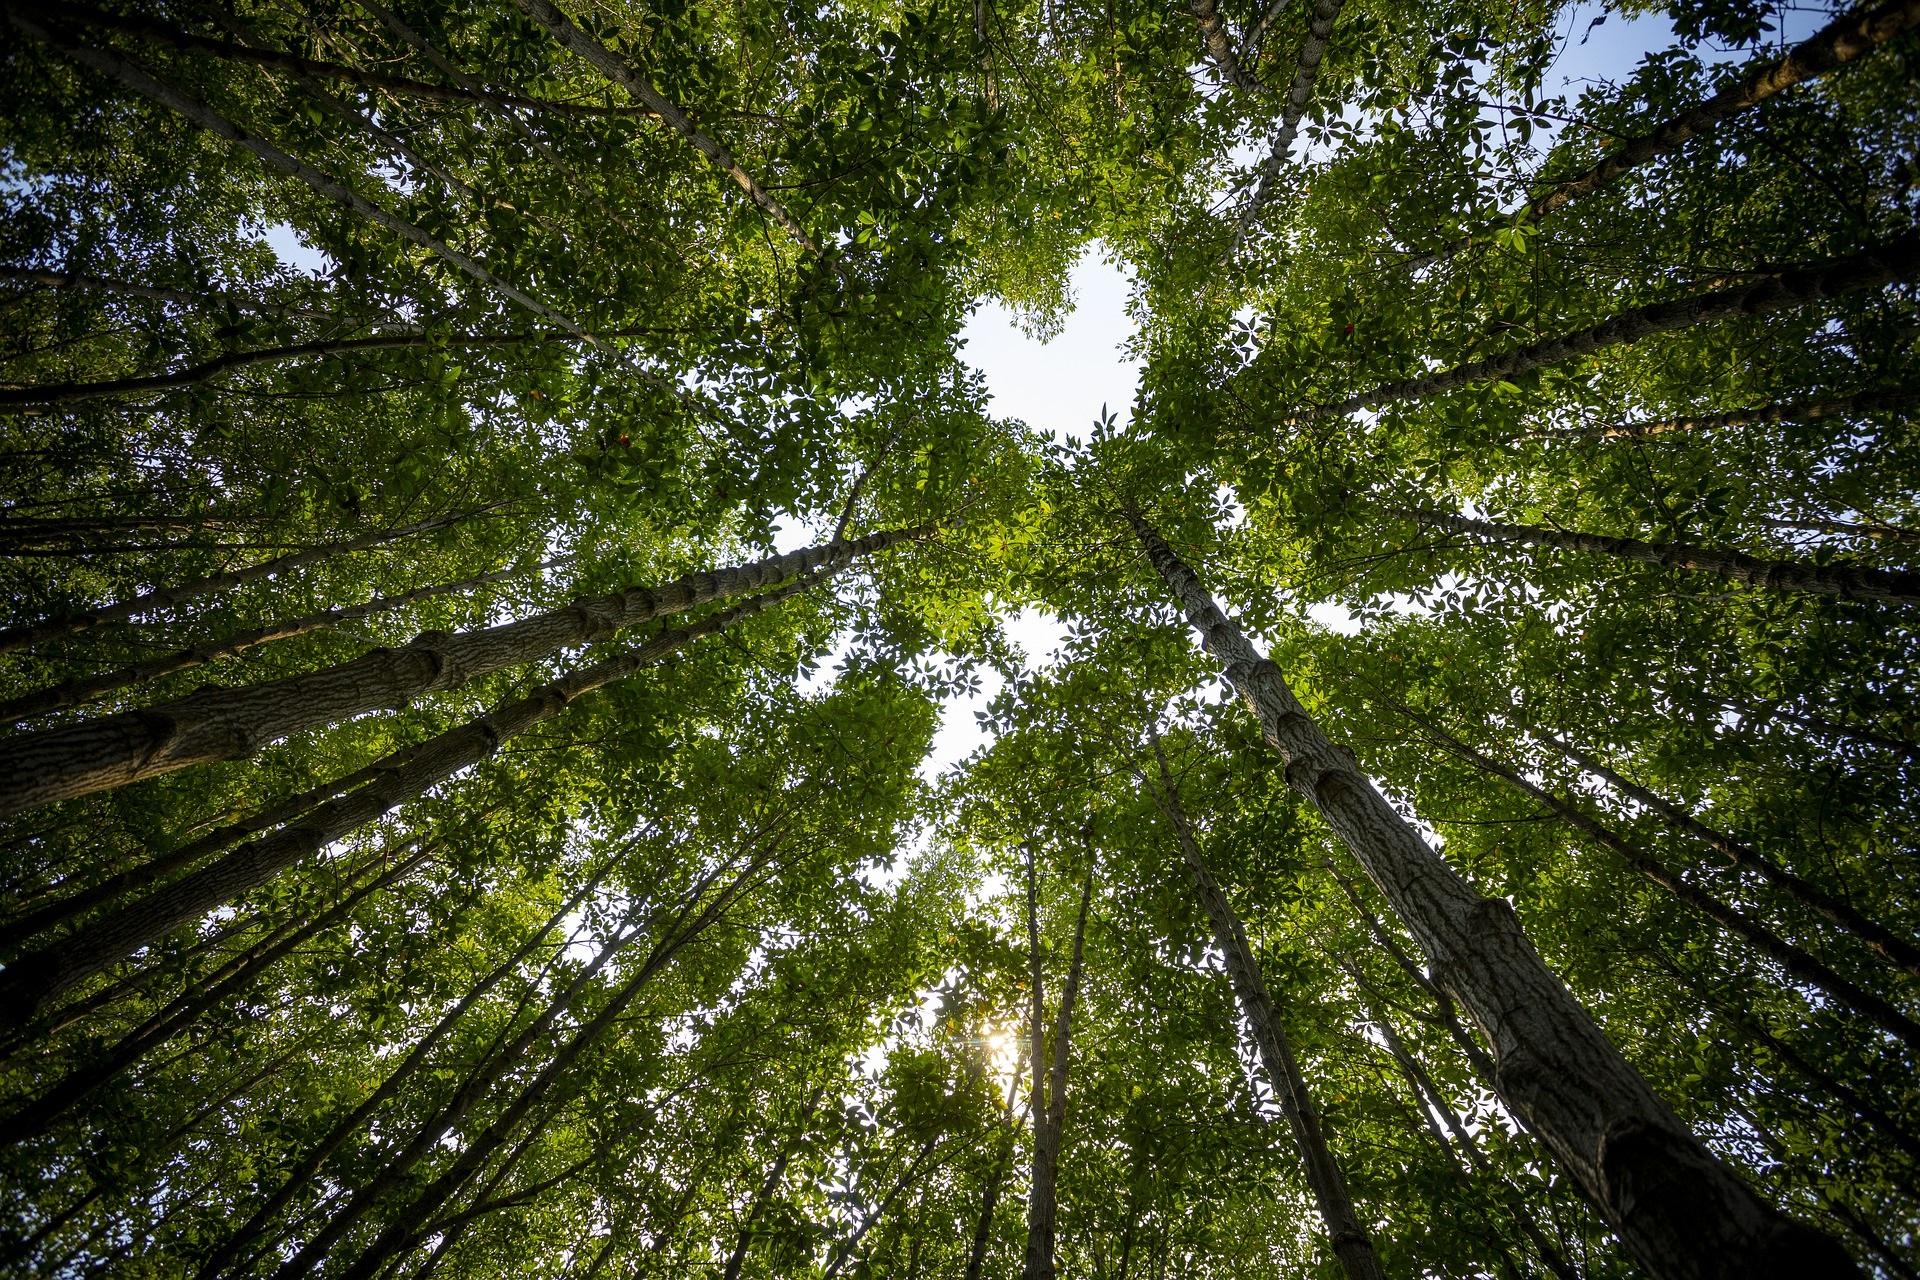 Baumkronen lassen eine herzförmige Lücke entstehen